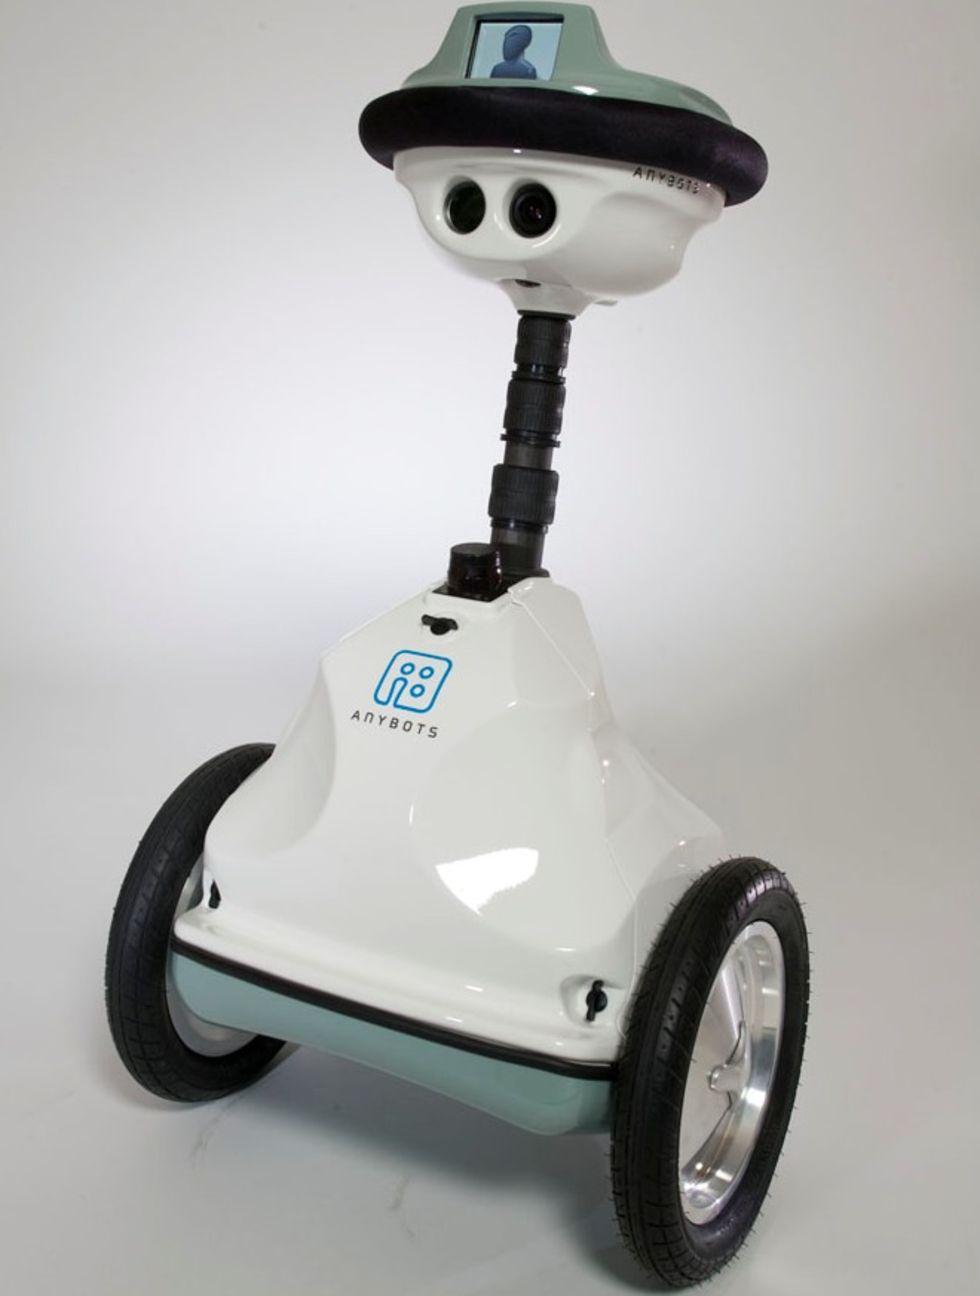 Anybots - robot för videokonferenser